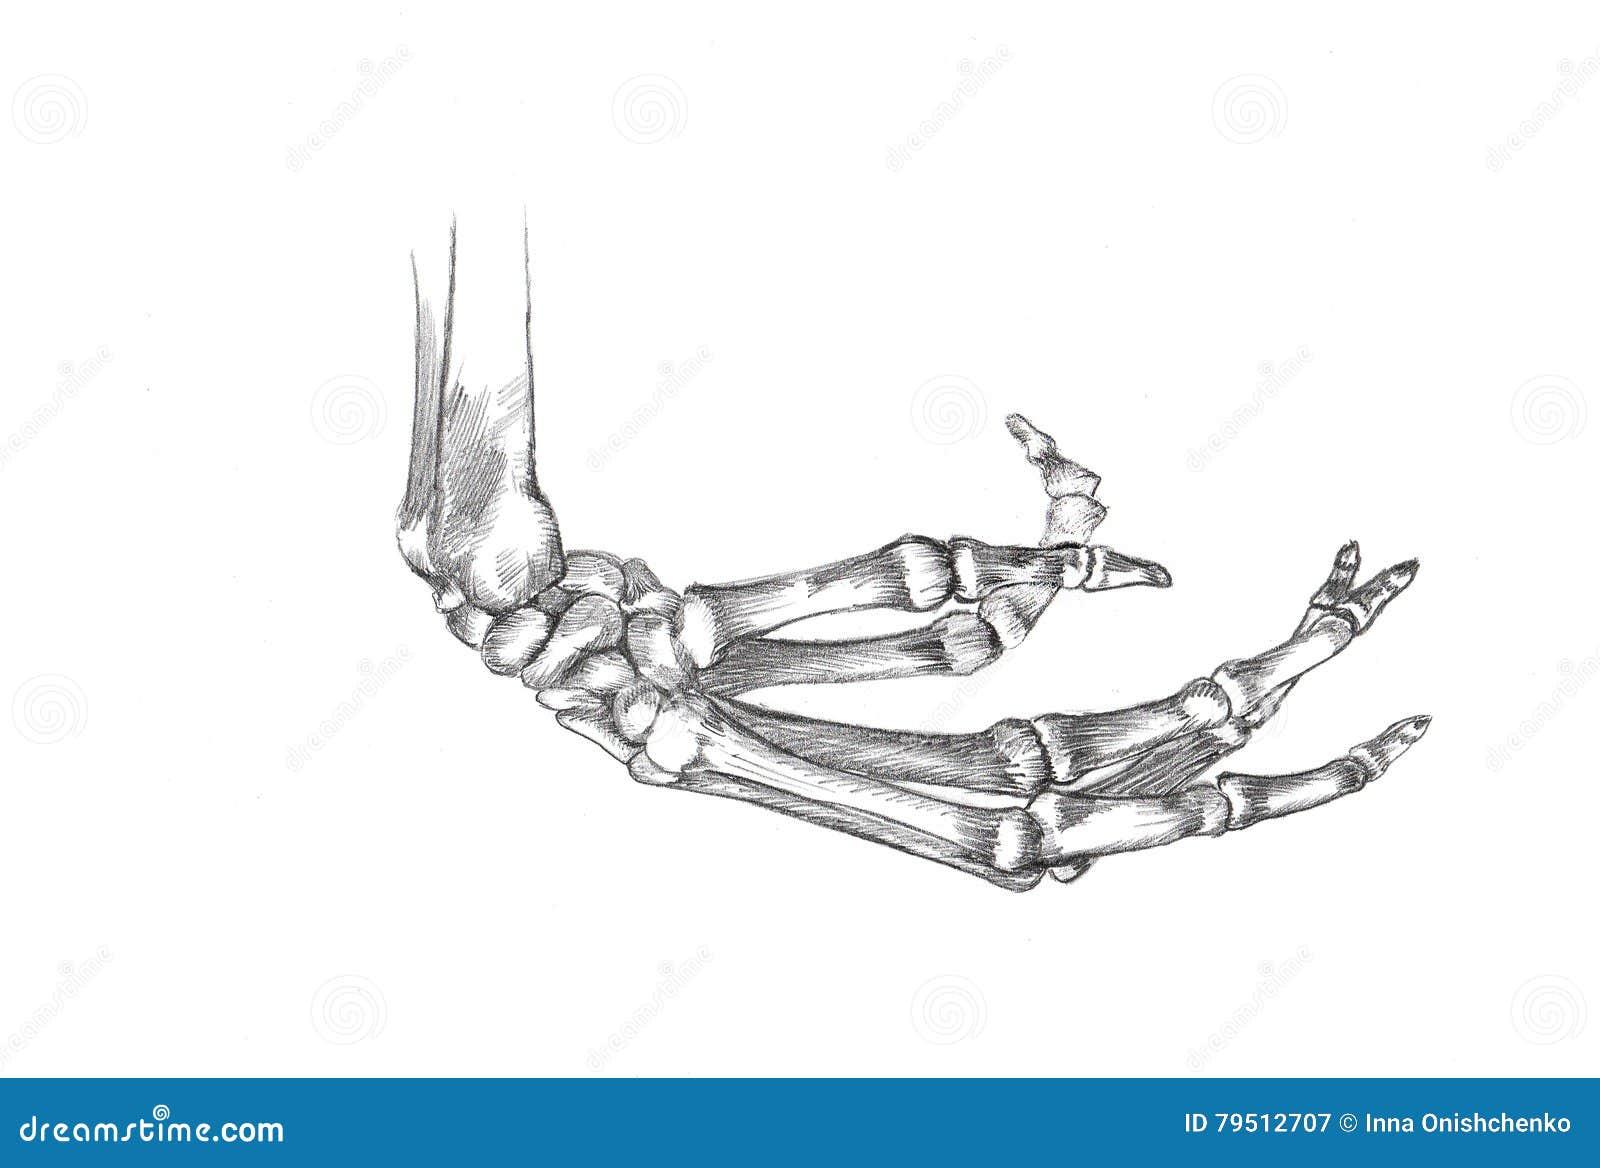 Único A Mano Imágenes Esqueleto Regalo - Anatomía de Las Imágenesdel ...